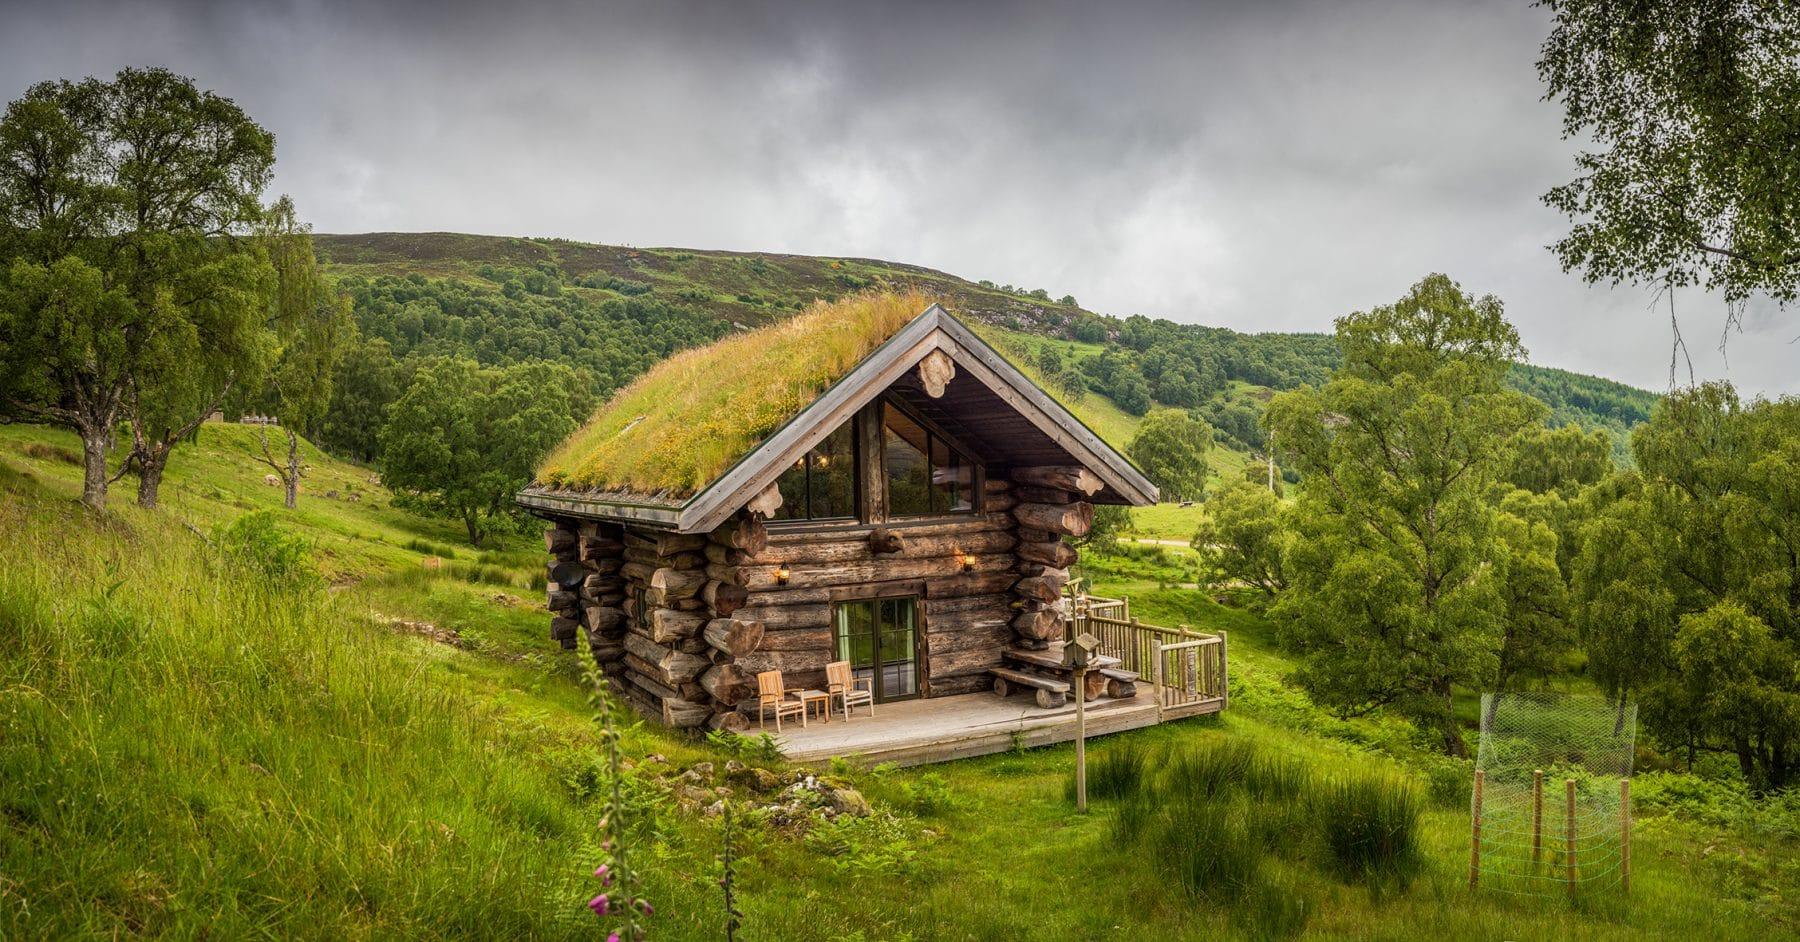 Strix | Our Romantic Scottish Log Cabin | Eagle Brae